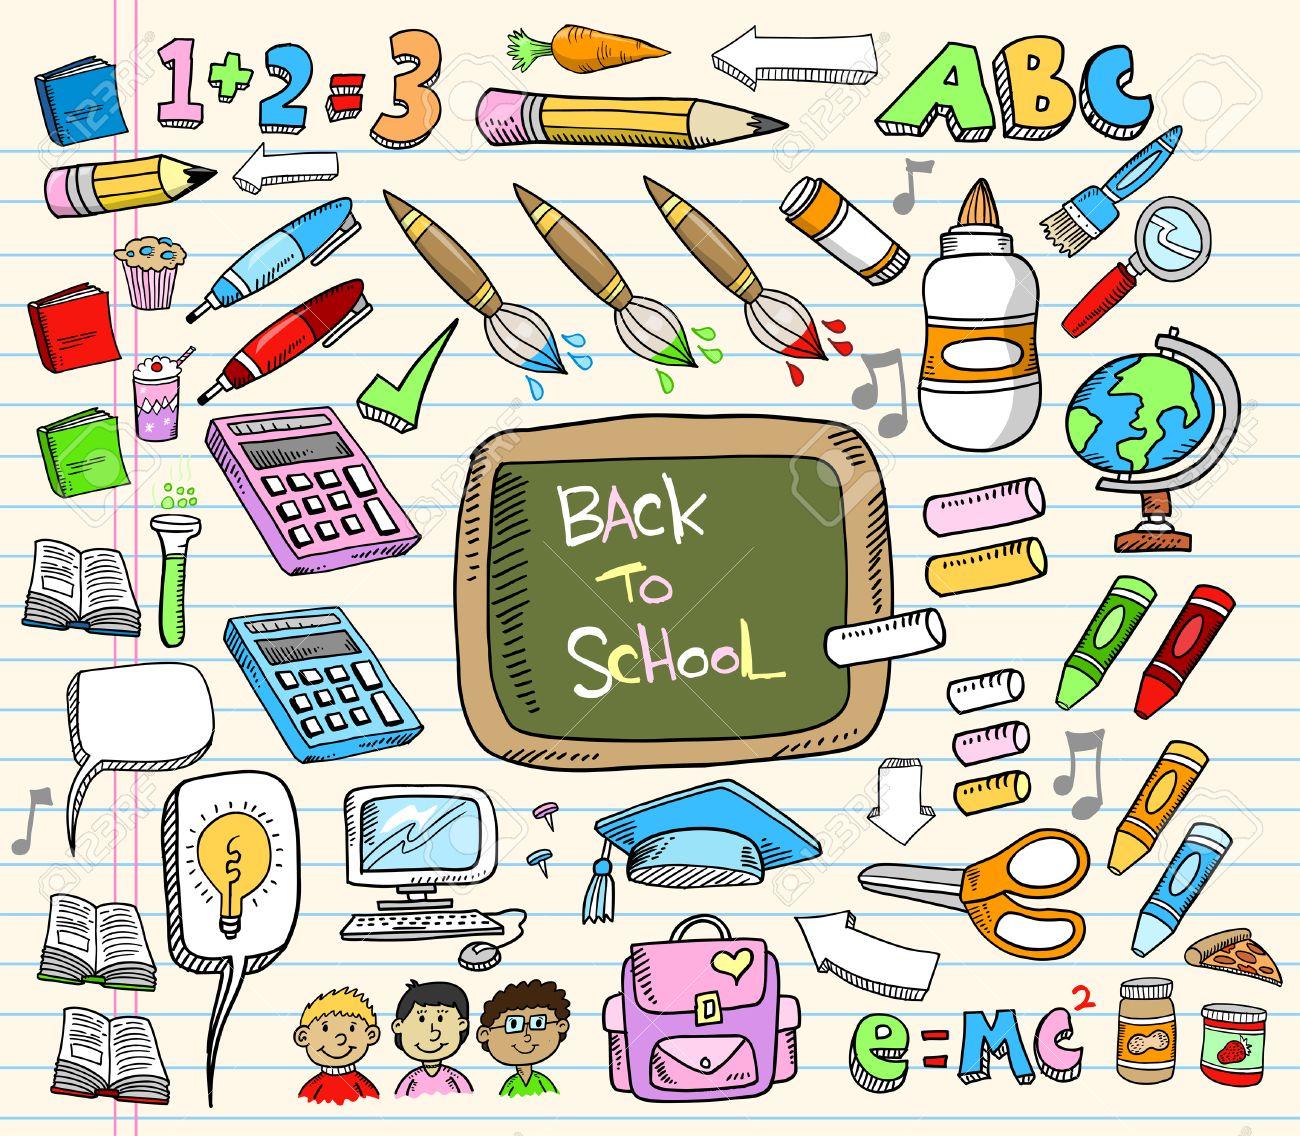 Back to School Doodle Education Illustration Set - 7261097